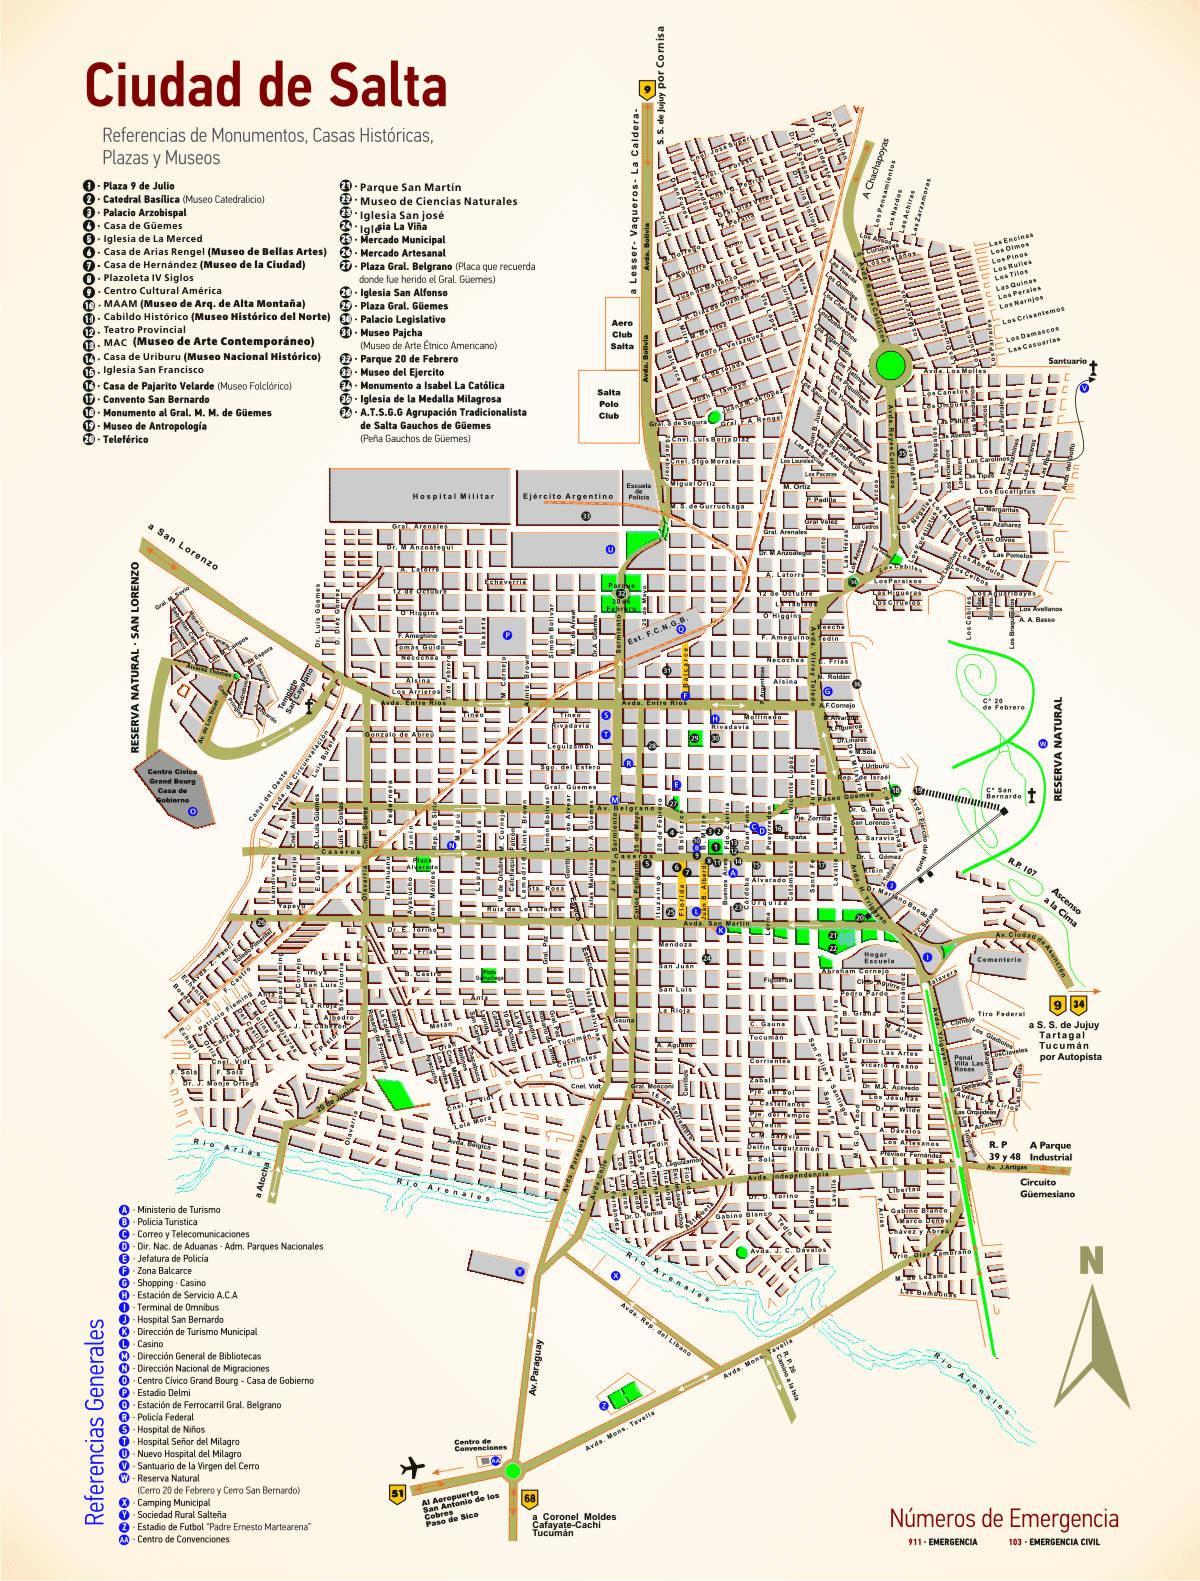 Ciudad-de-Salta-4